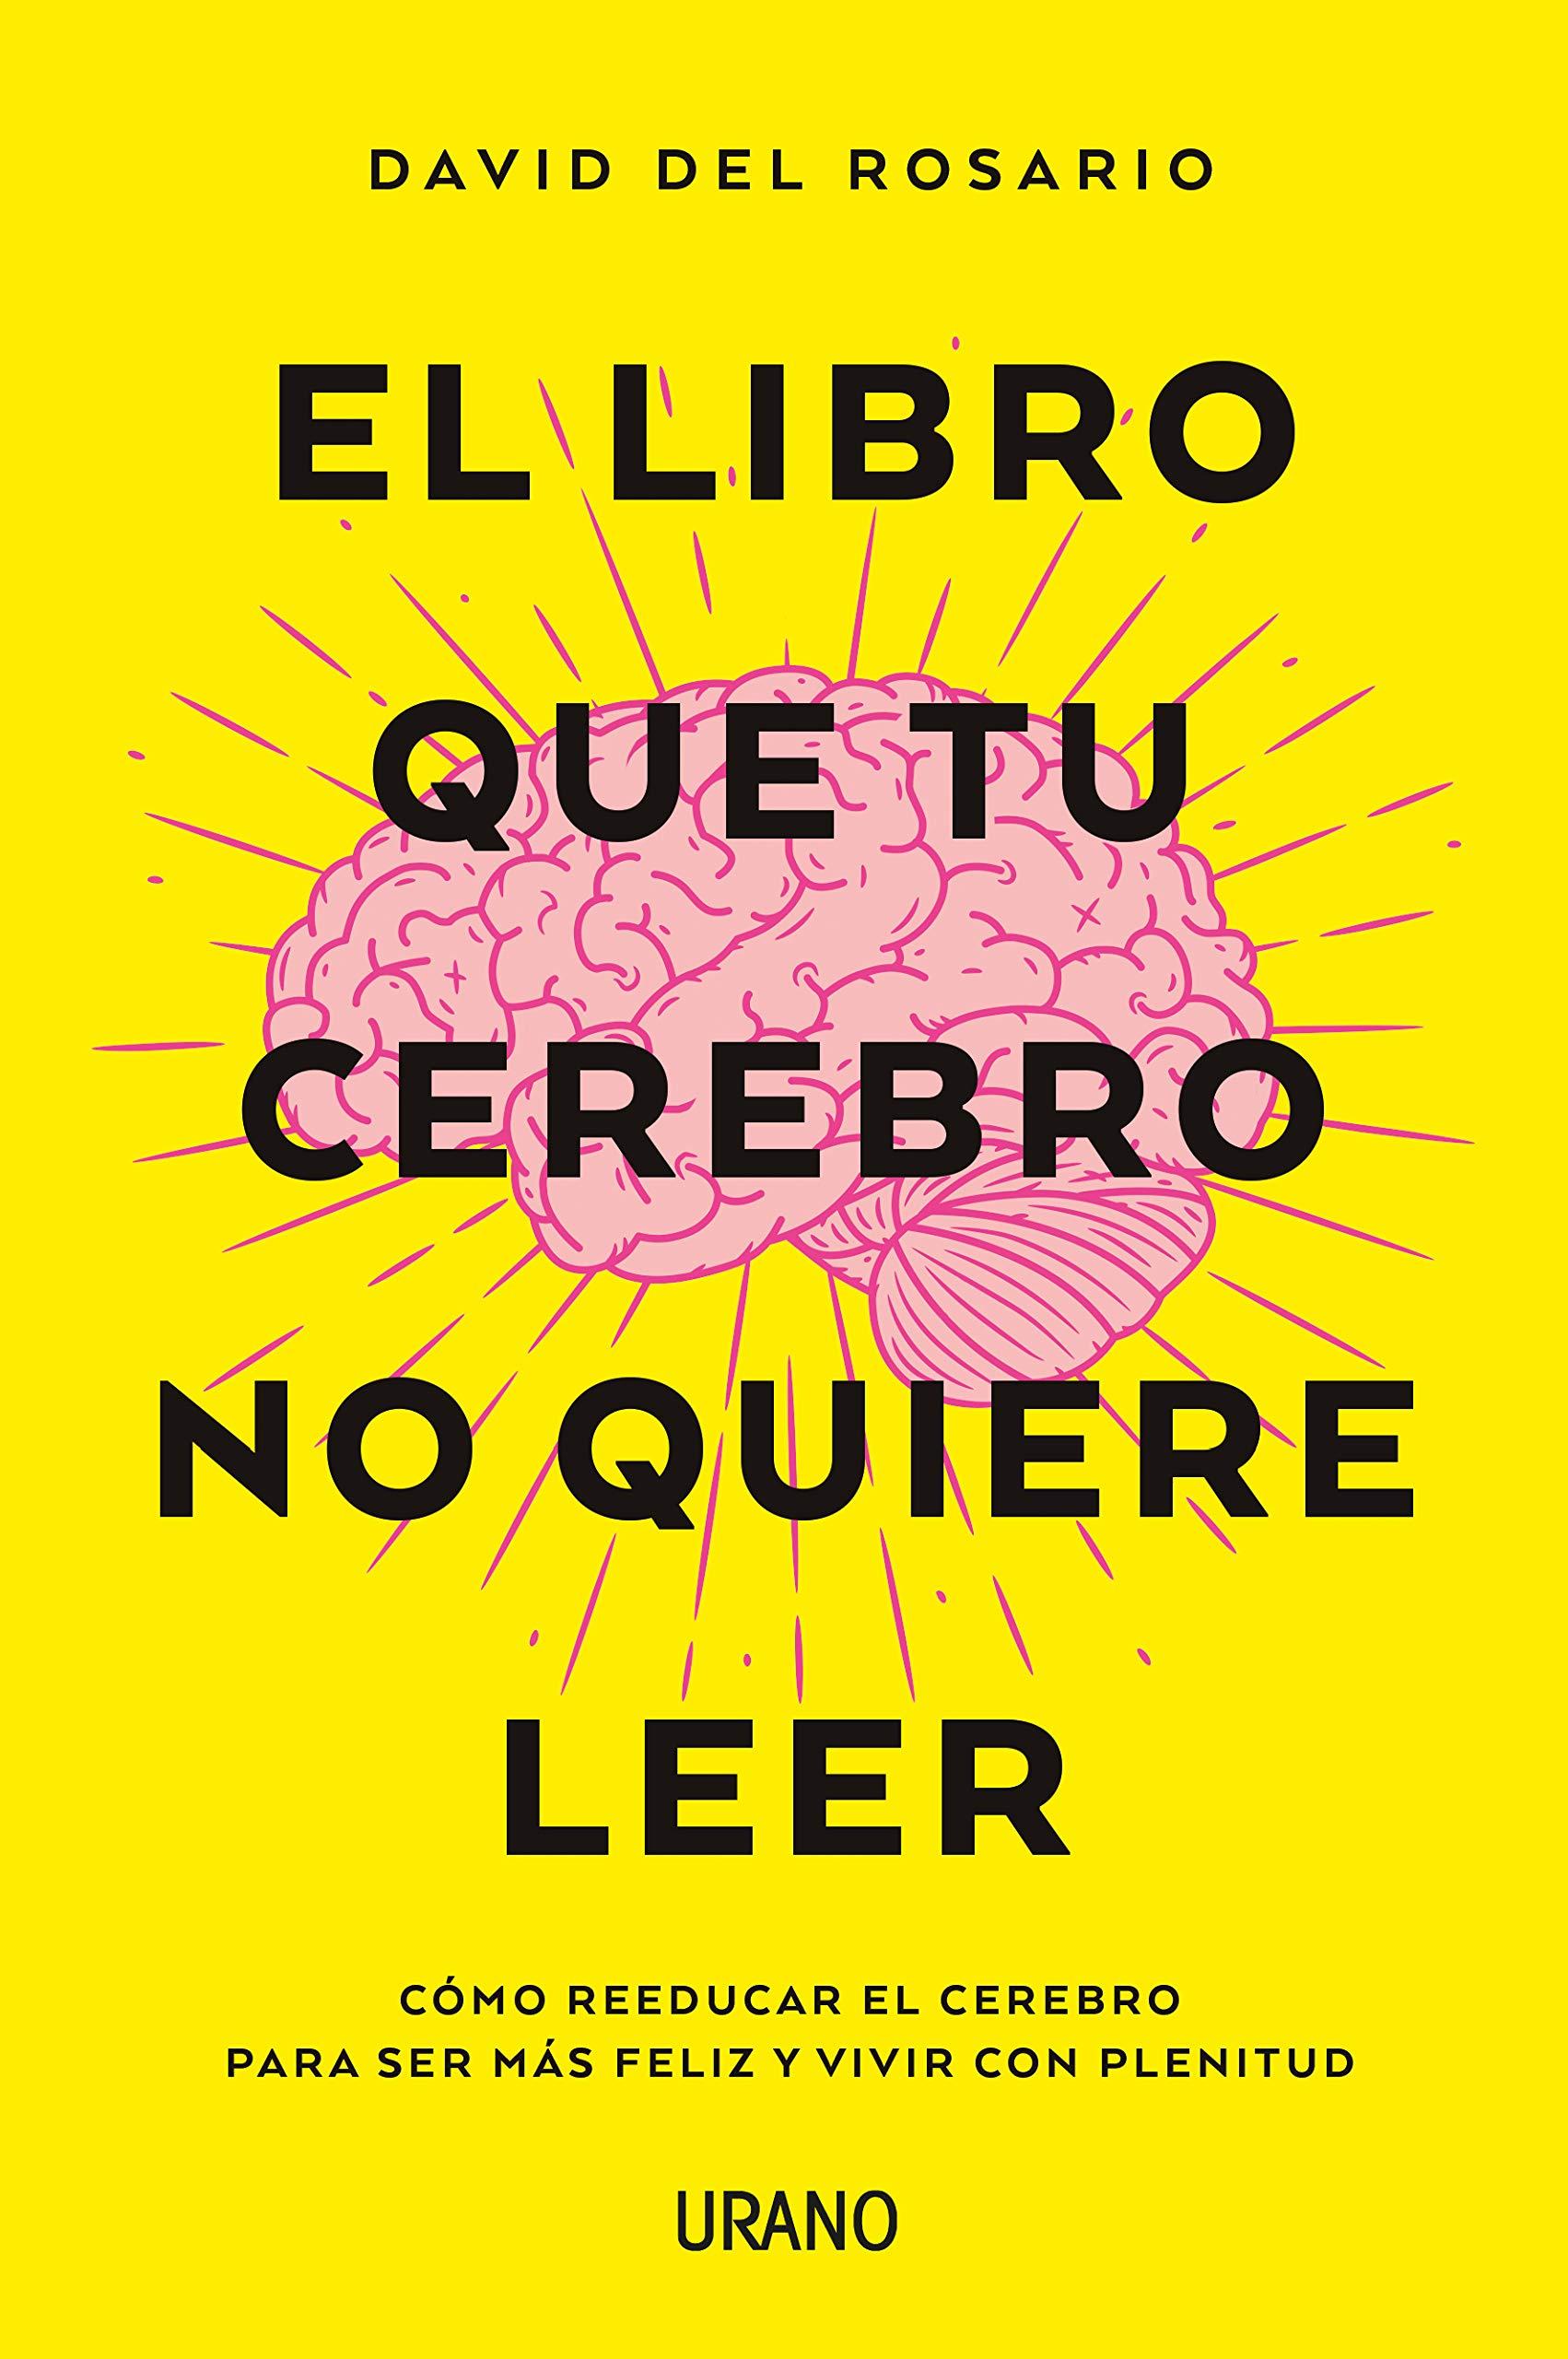 El libro que tu cerebro no quiere leer Crecimiento personal: Amazon.es:  DAVID DEL ROSARIO: Libros